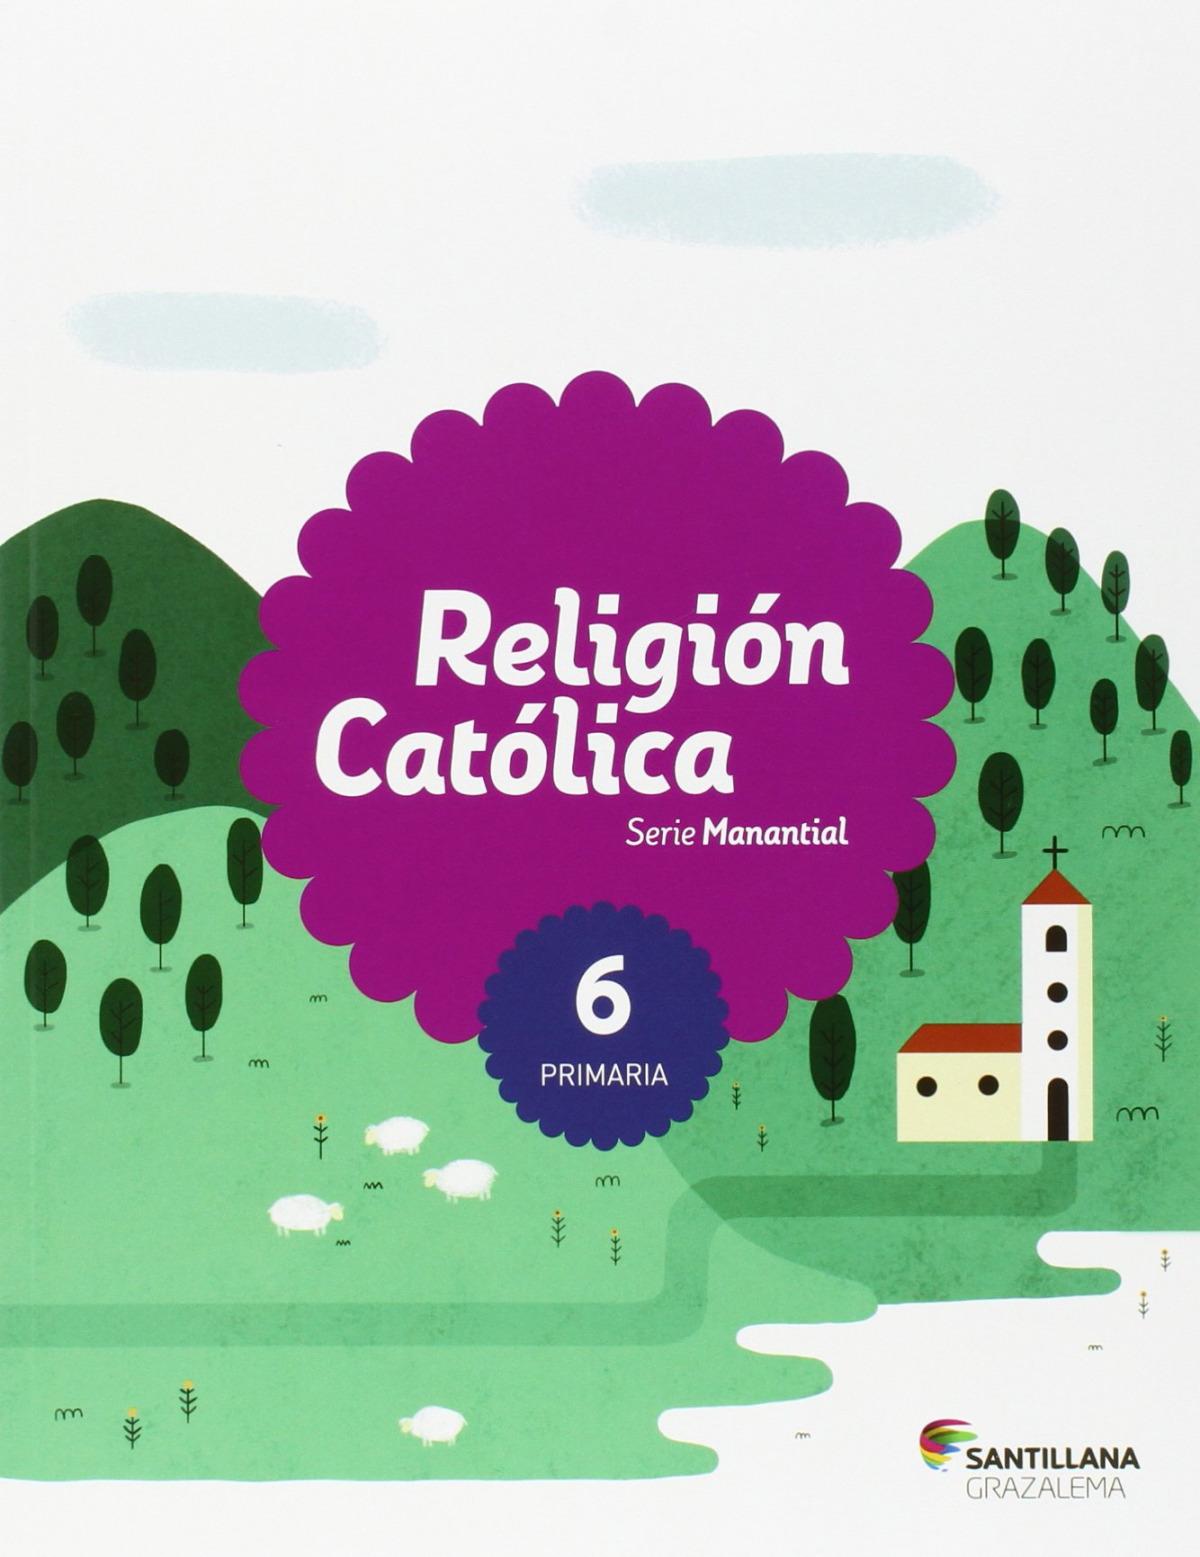 6PRI RELIGION ANDAL SERIE MANANTIAL ED15 9788483053737